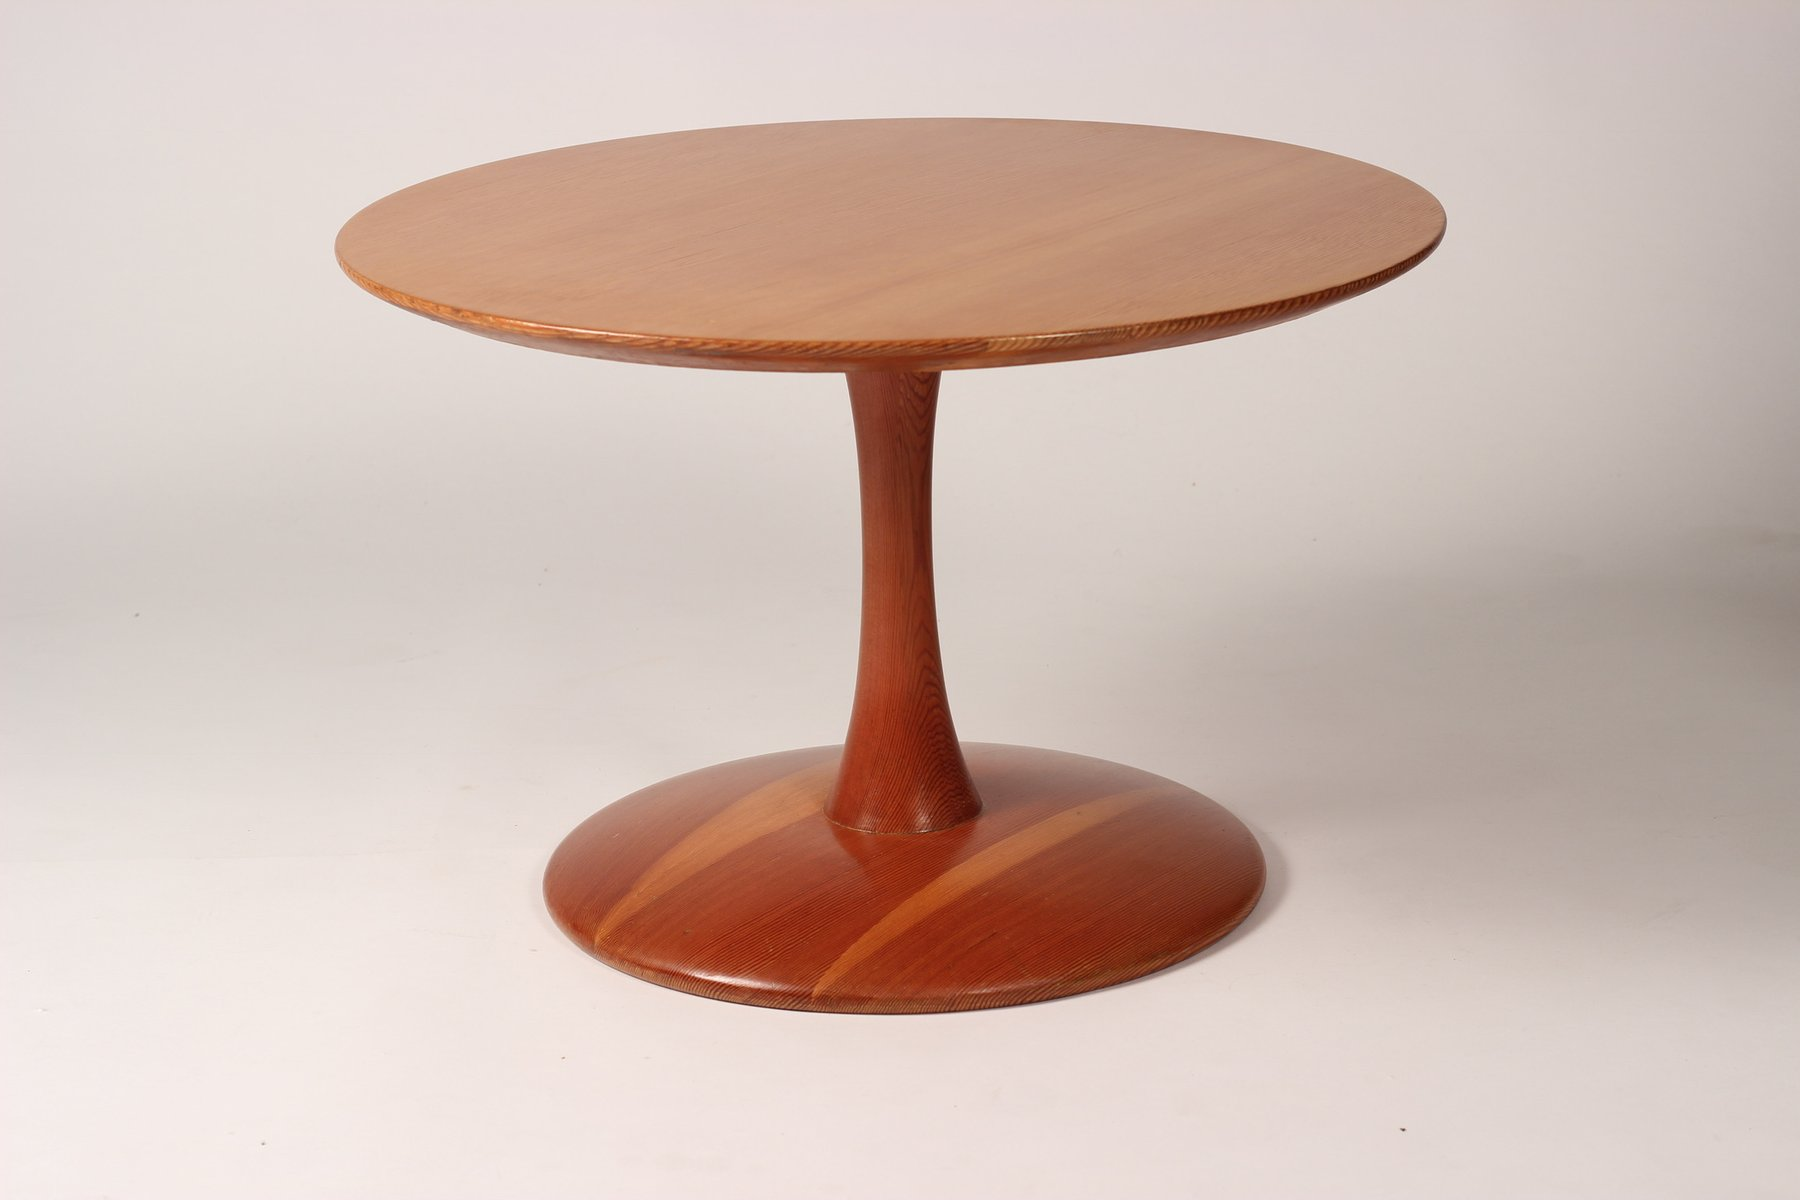 Mid-Century Modern Tisch von Nanna Ditzel für Kolds Savvaerk